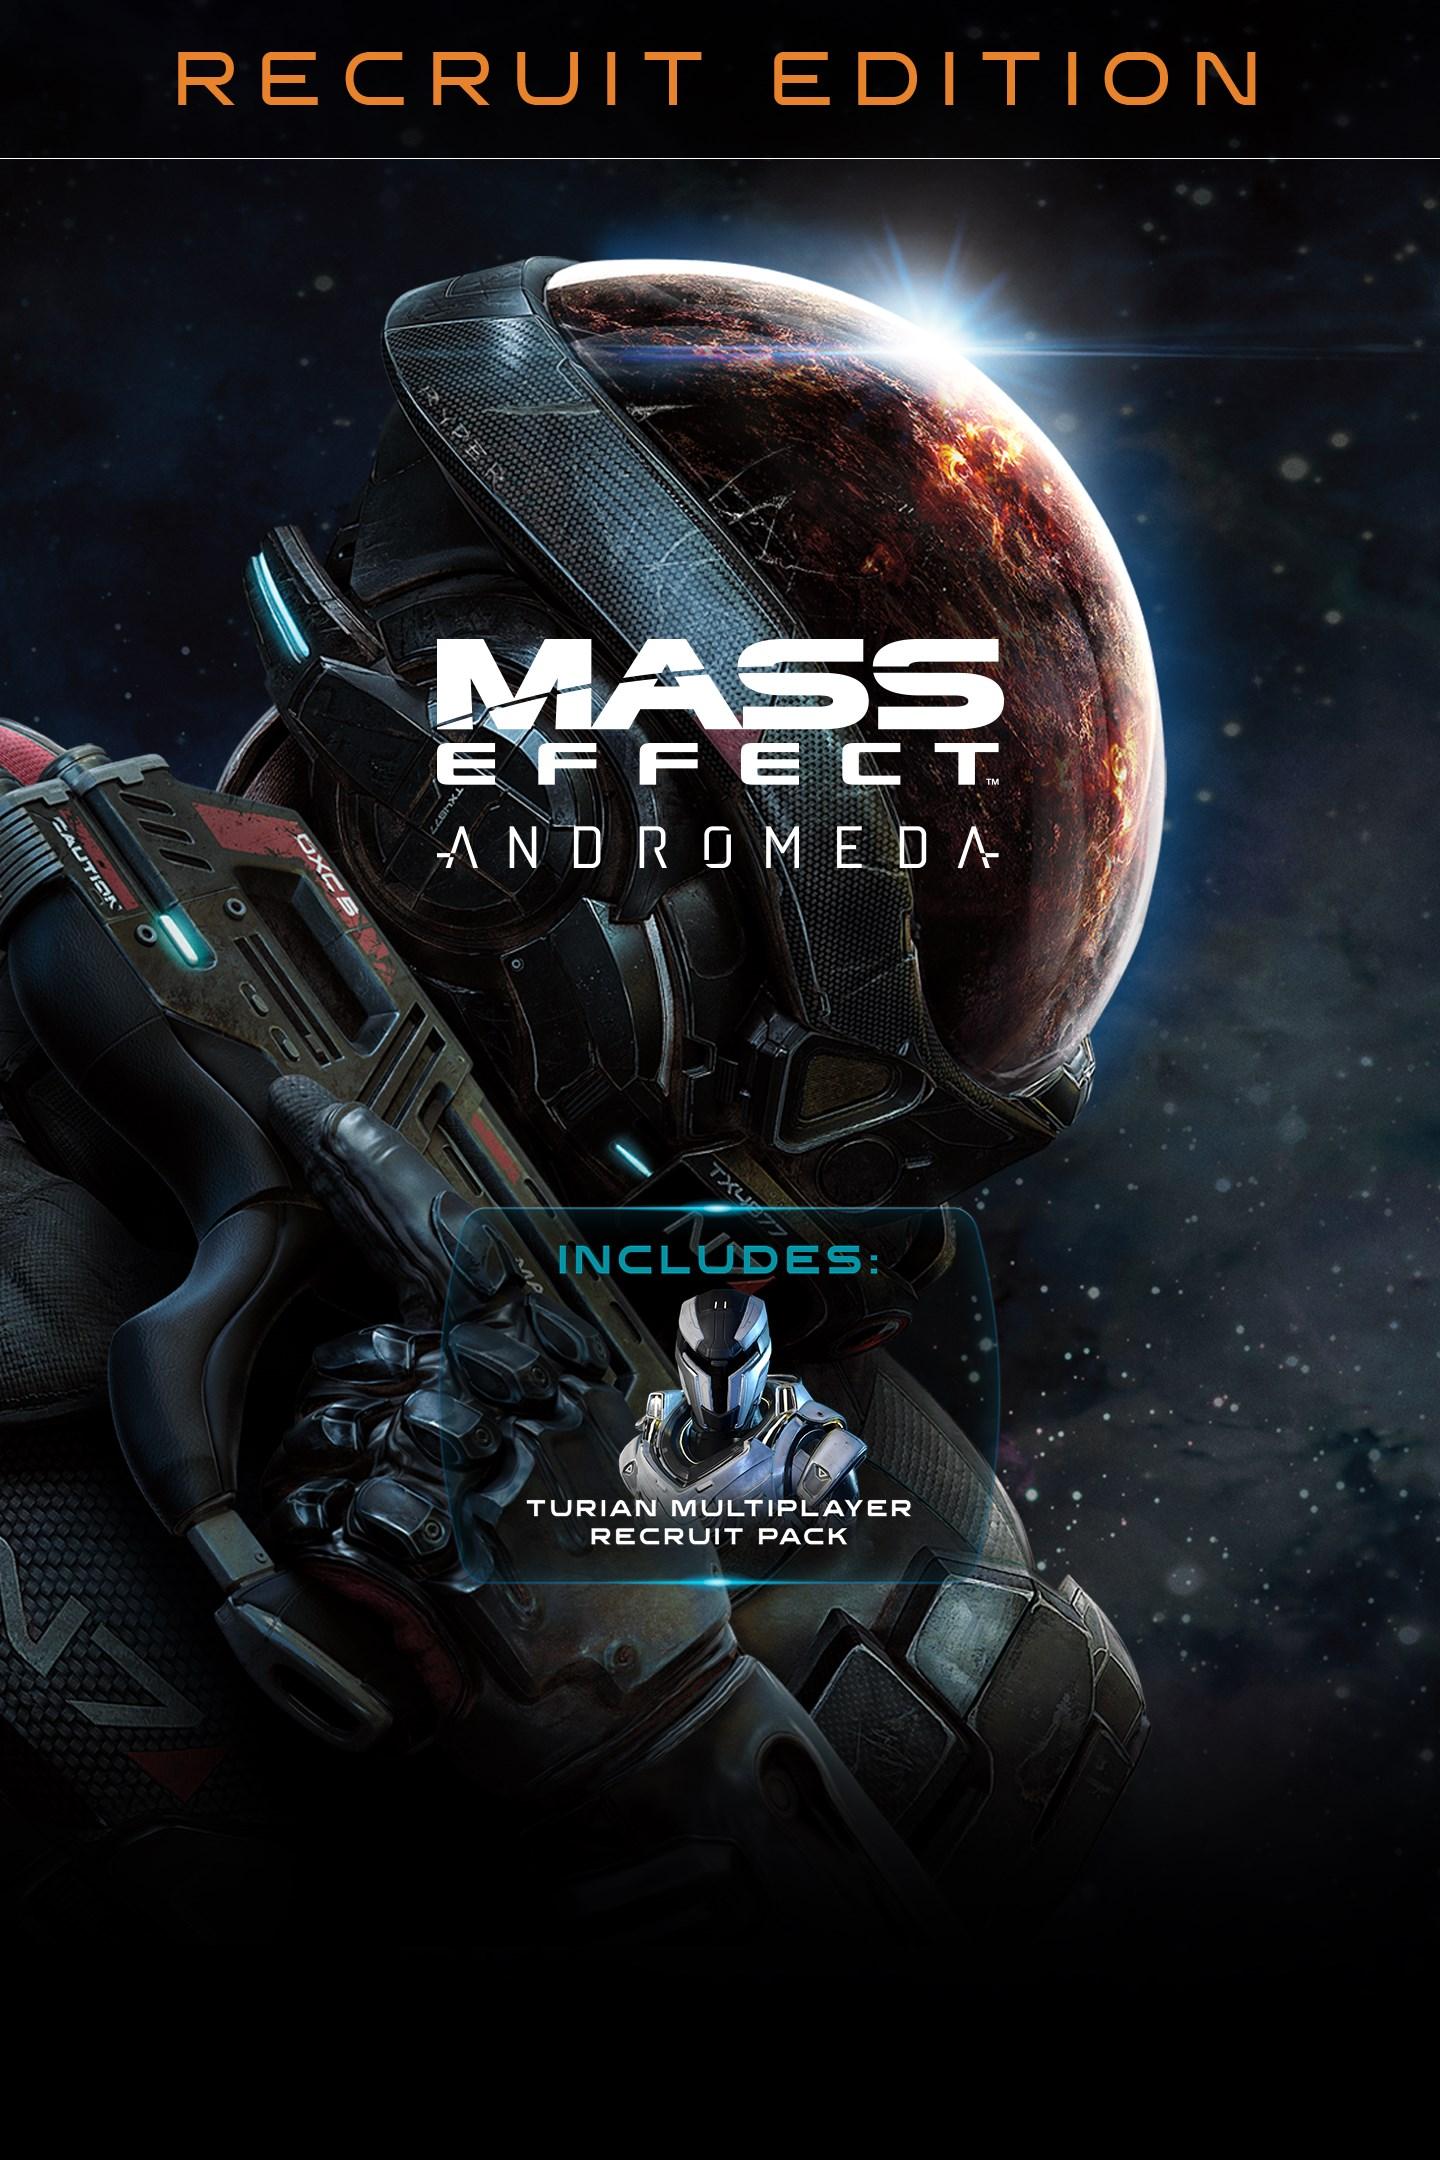 Comprar Edición De Recluta Estándar De Mass Effect